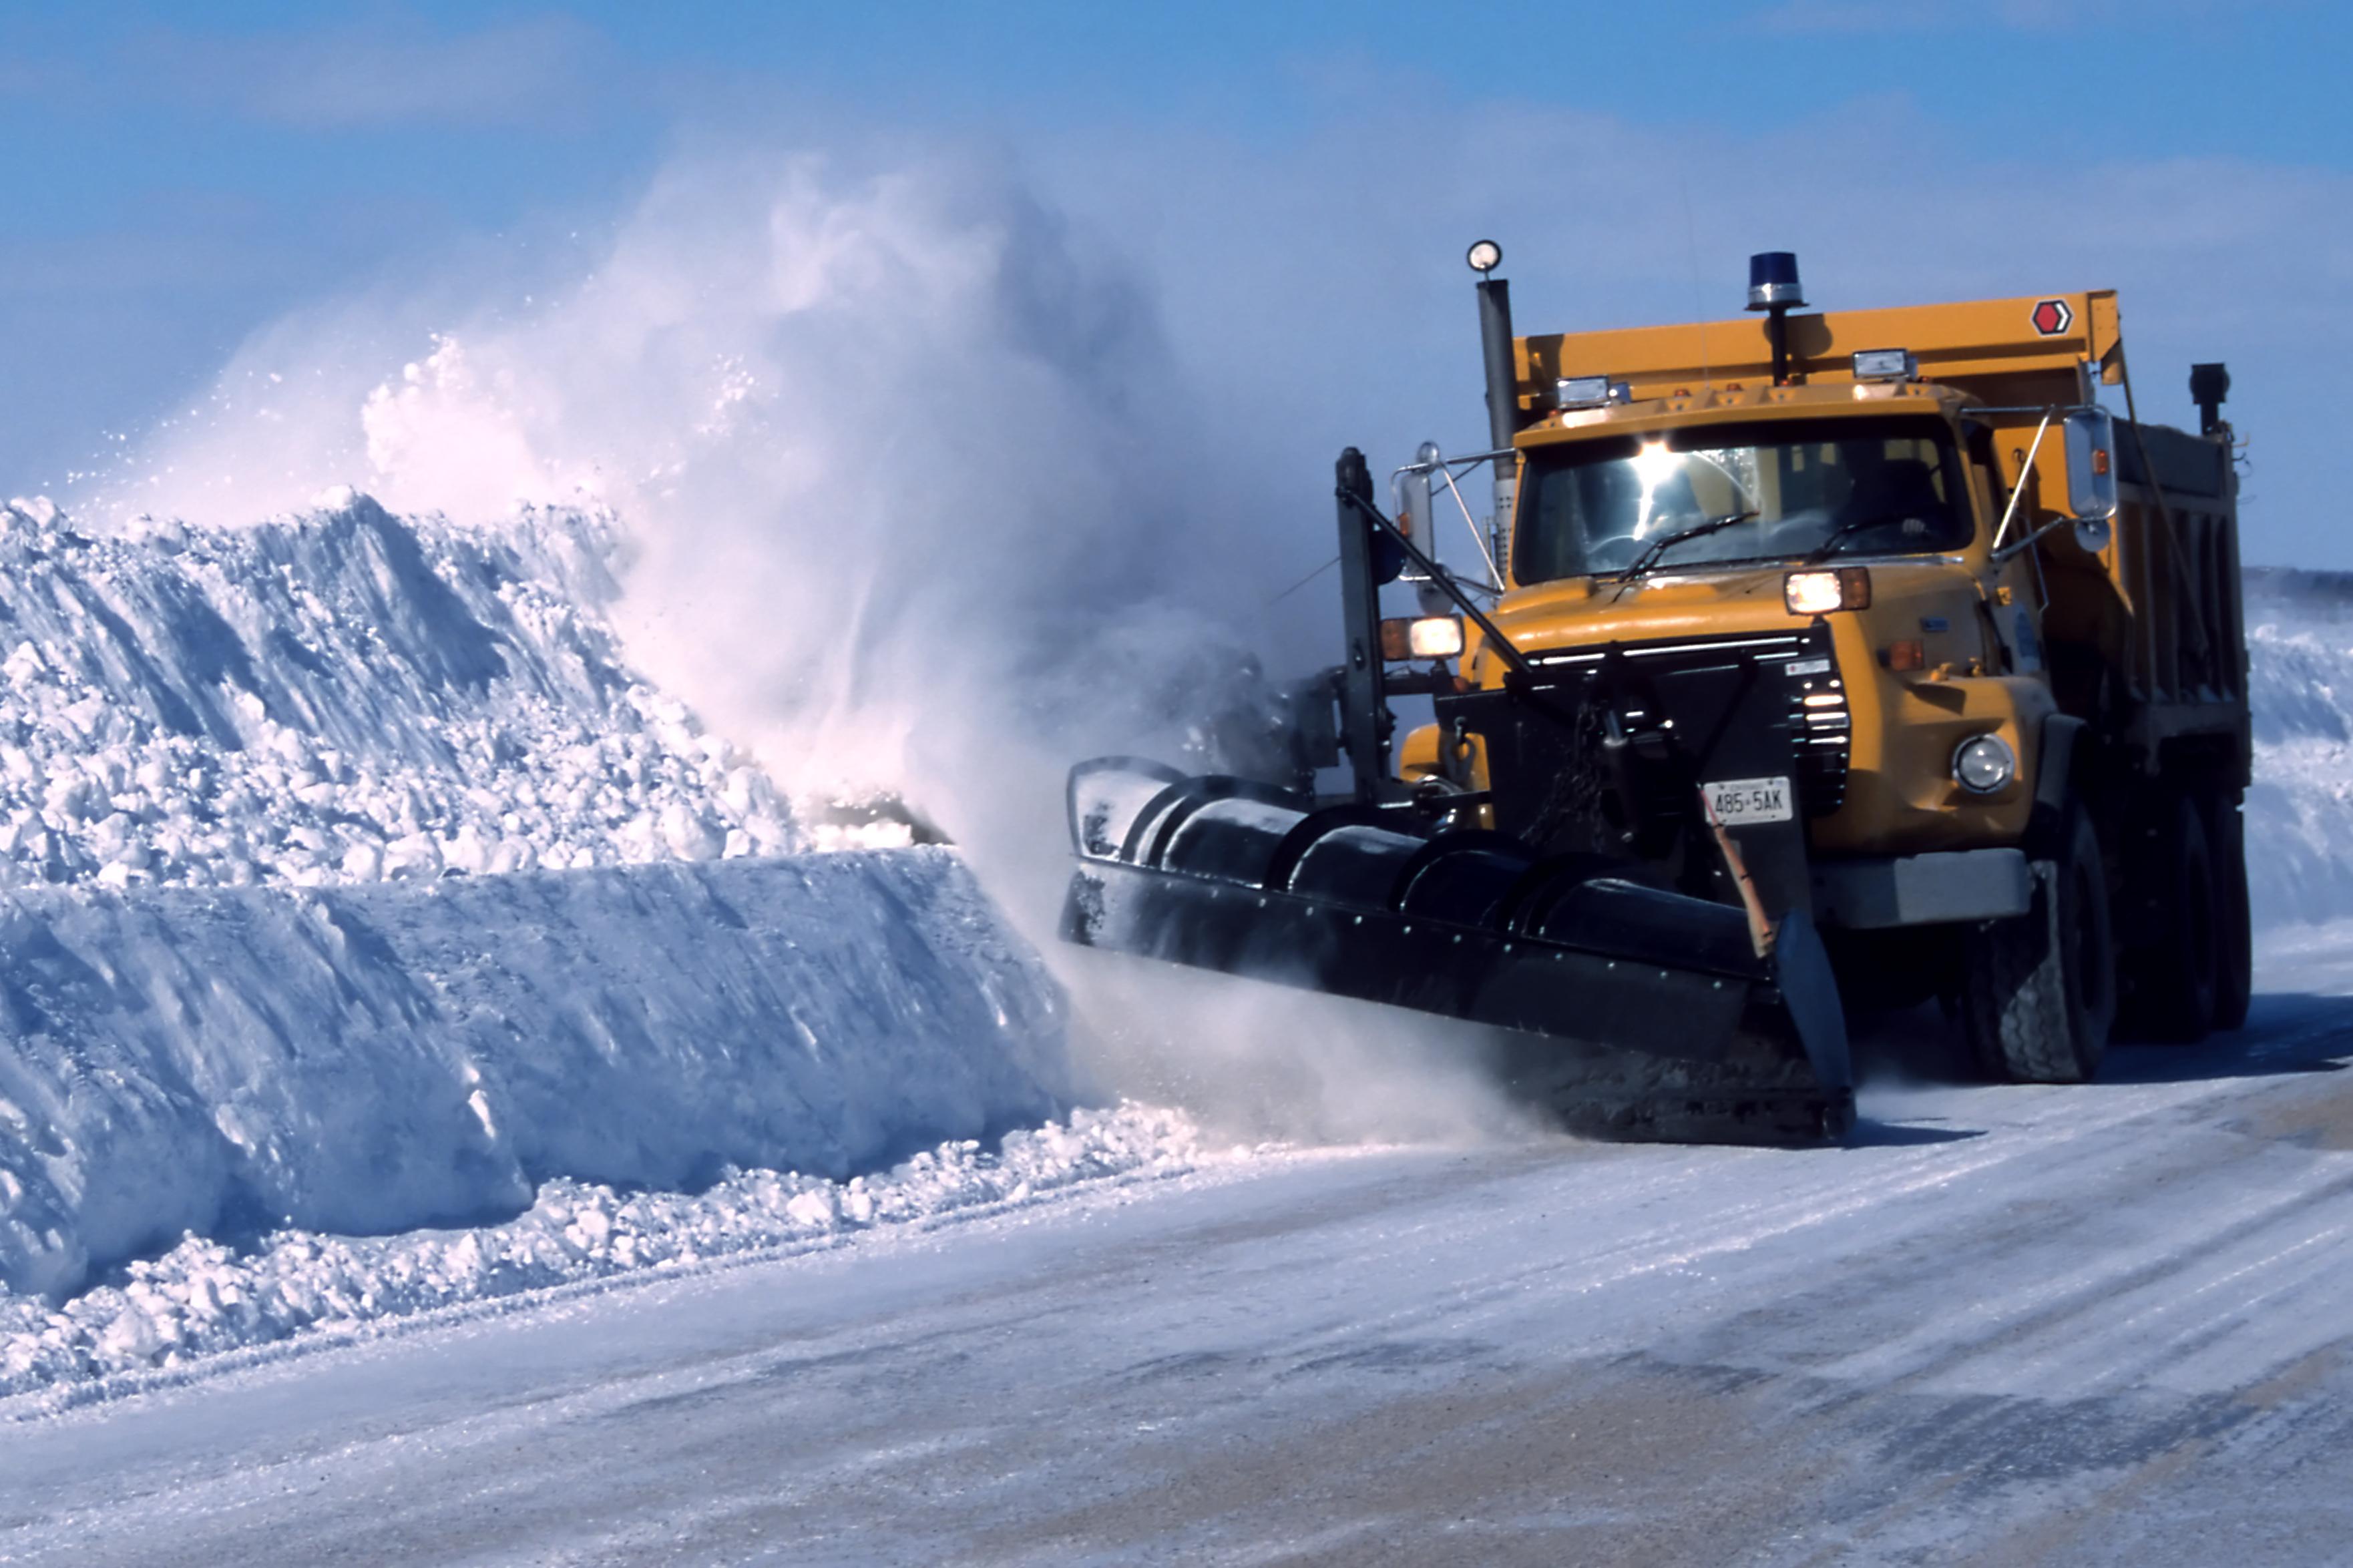 Шнек для уборки снега  видео 36